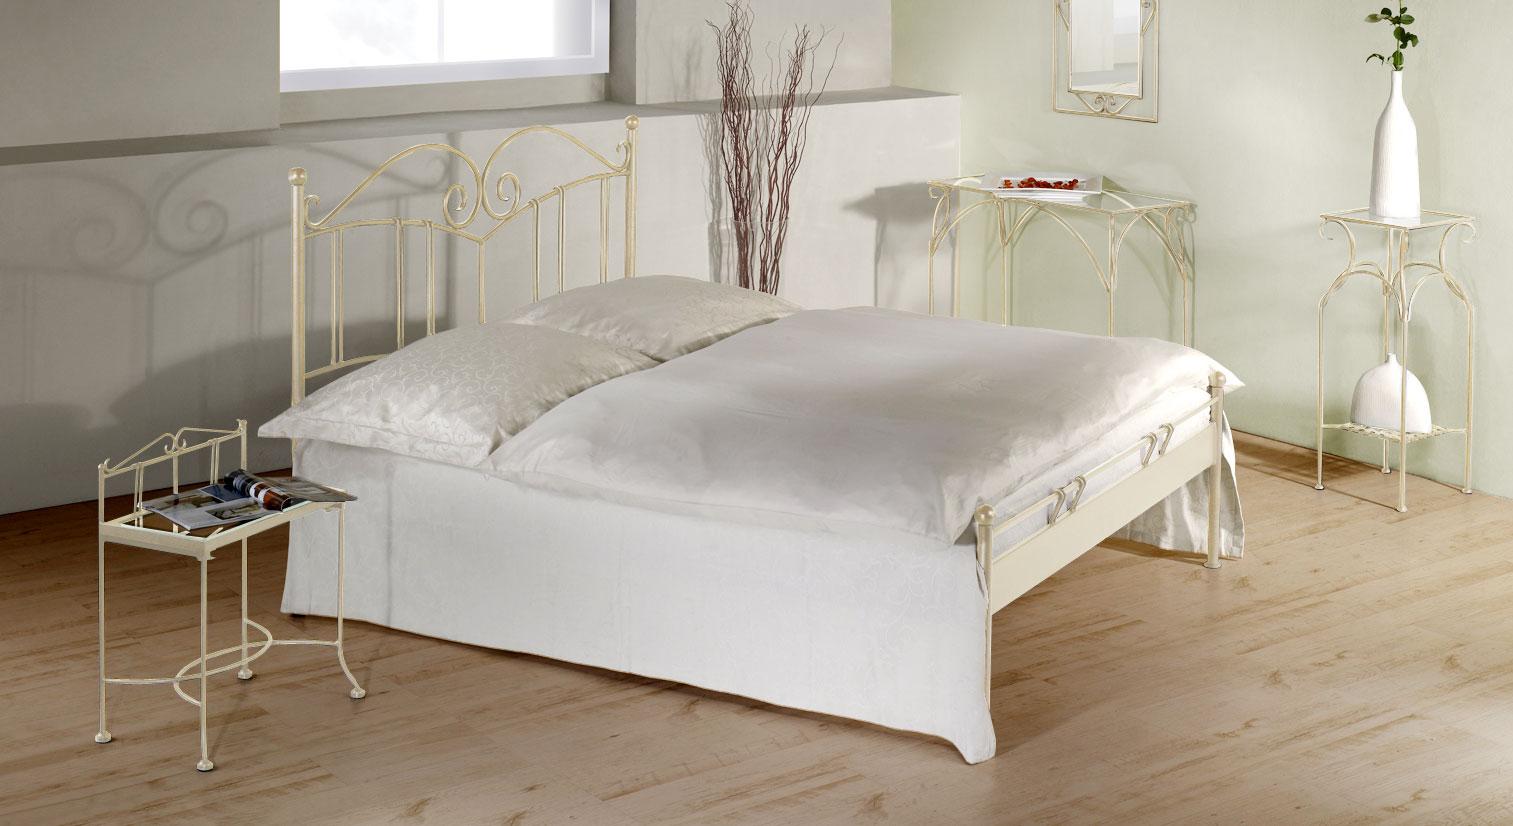 Full Size of Balinesische Betten Schramm Outlet Günstige 180x200 Französische Ruf Coole Ebay Ikea 160x200 Joop Designer Meise Frankfurt Bonprix Bett Französische Betten